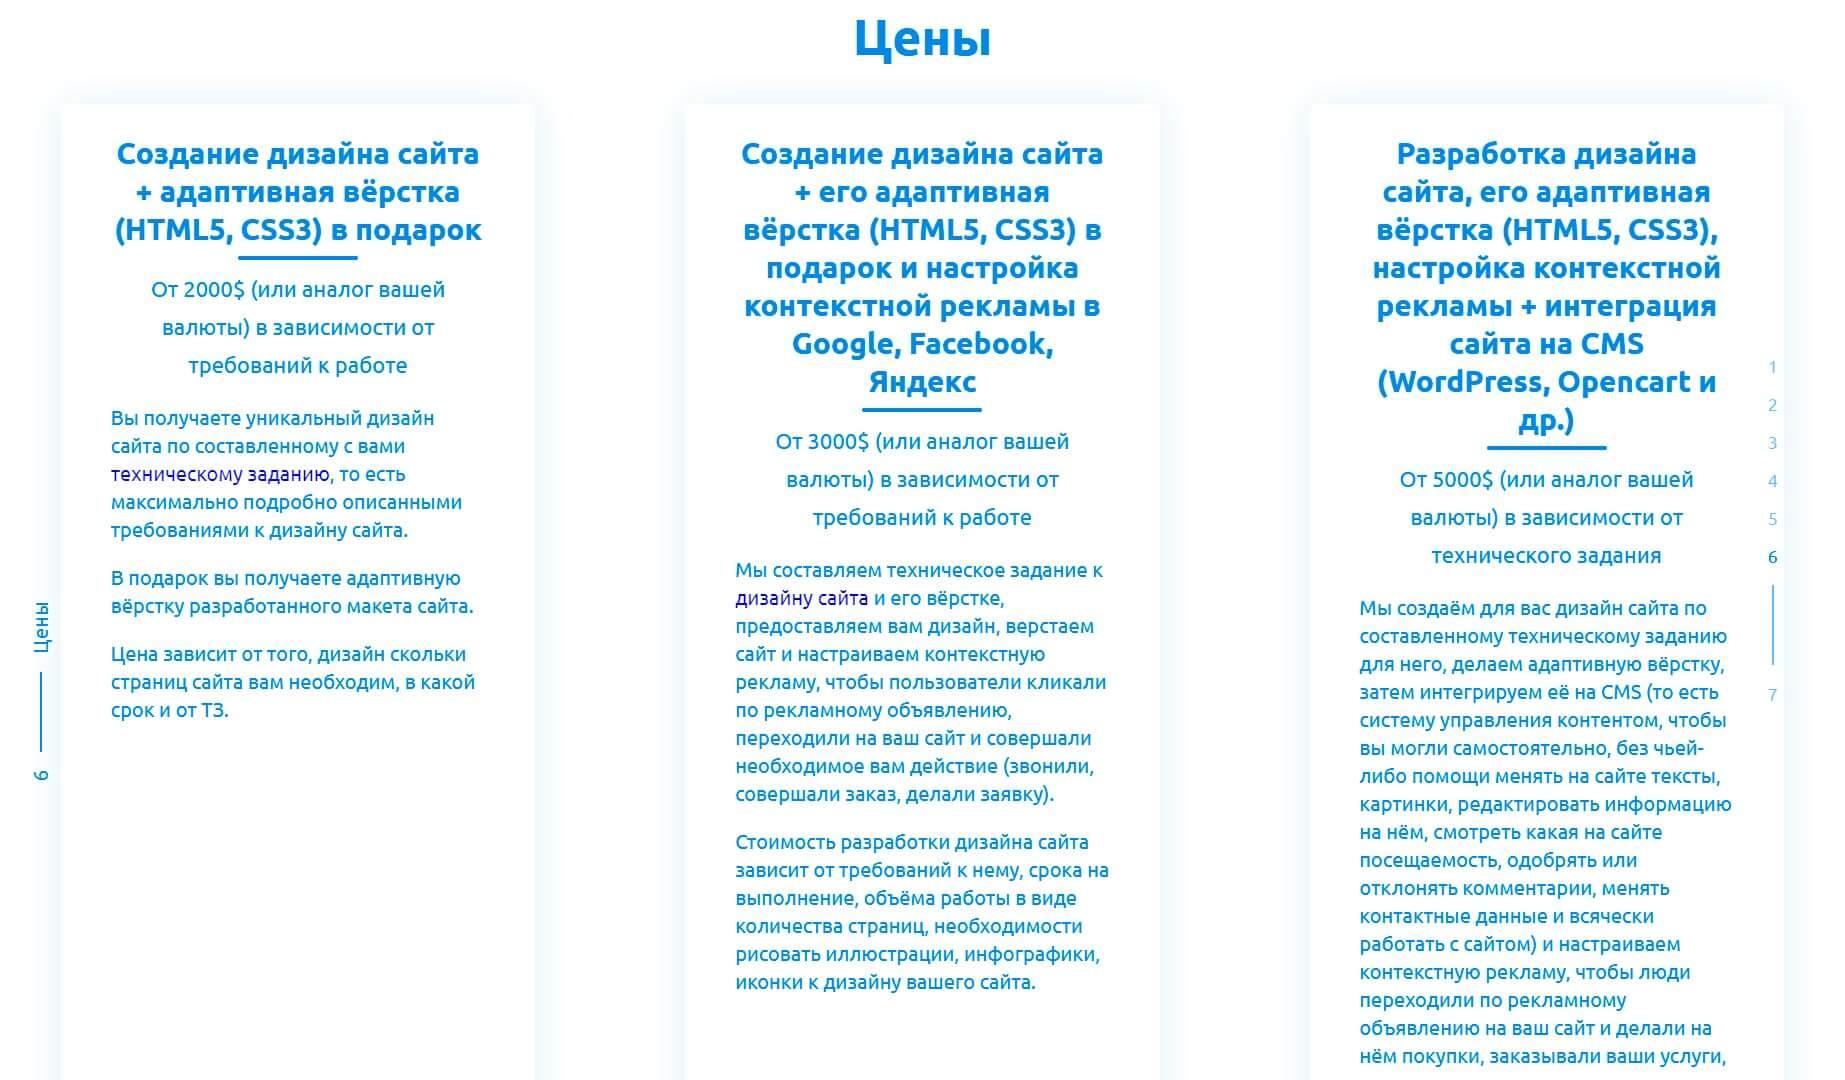 Логомания - обзор компании, услуги, отзывы, клиенты, Фото № 3 - google-seo.pro